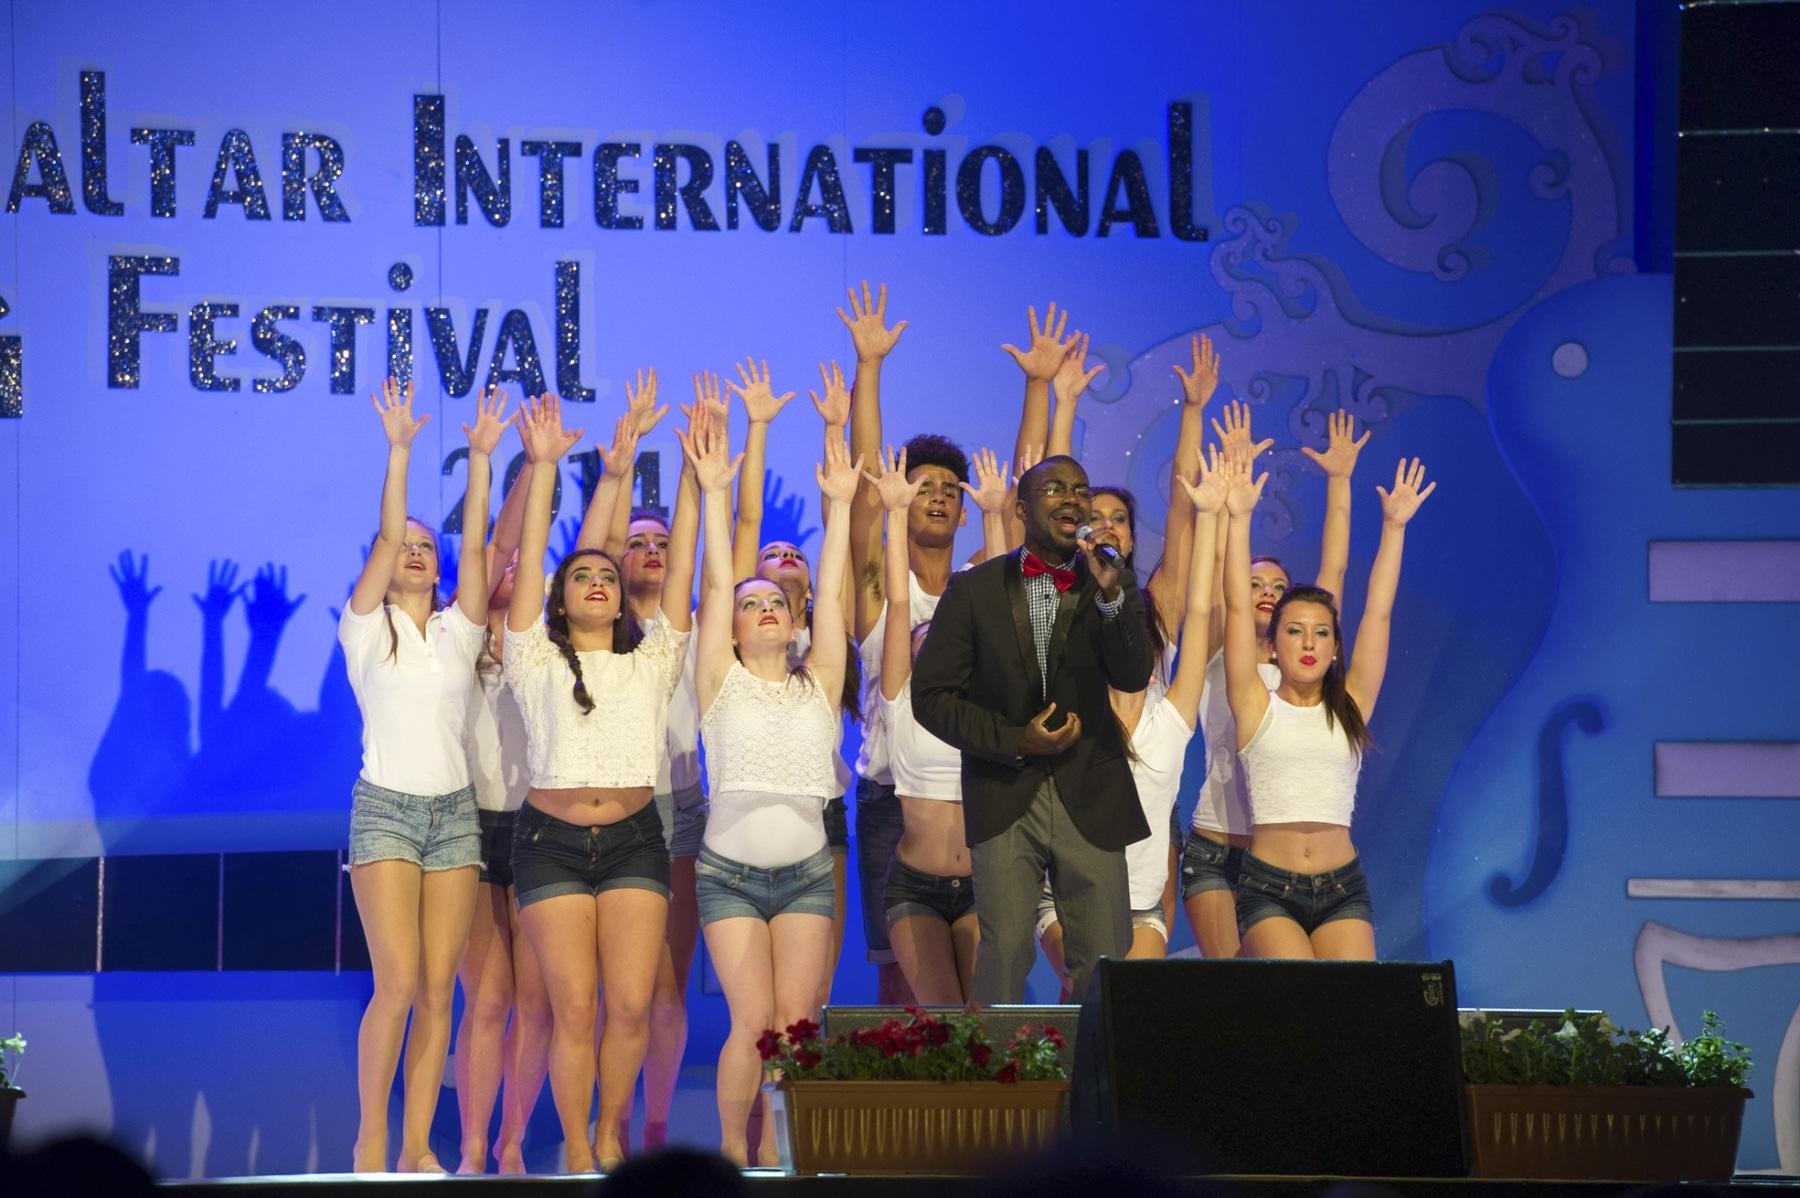 asher-moodie-reino-unido-junto-a-bailarines-de-la-mediterranen-dance-school-y-dance-academy_14033036985_o